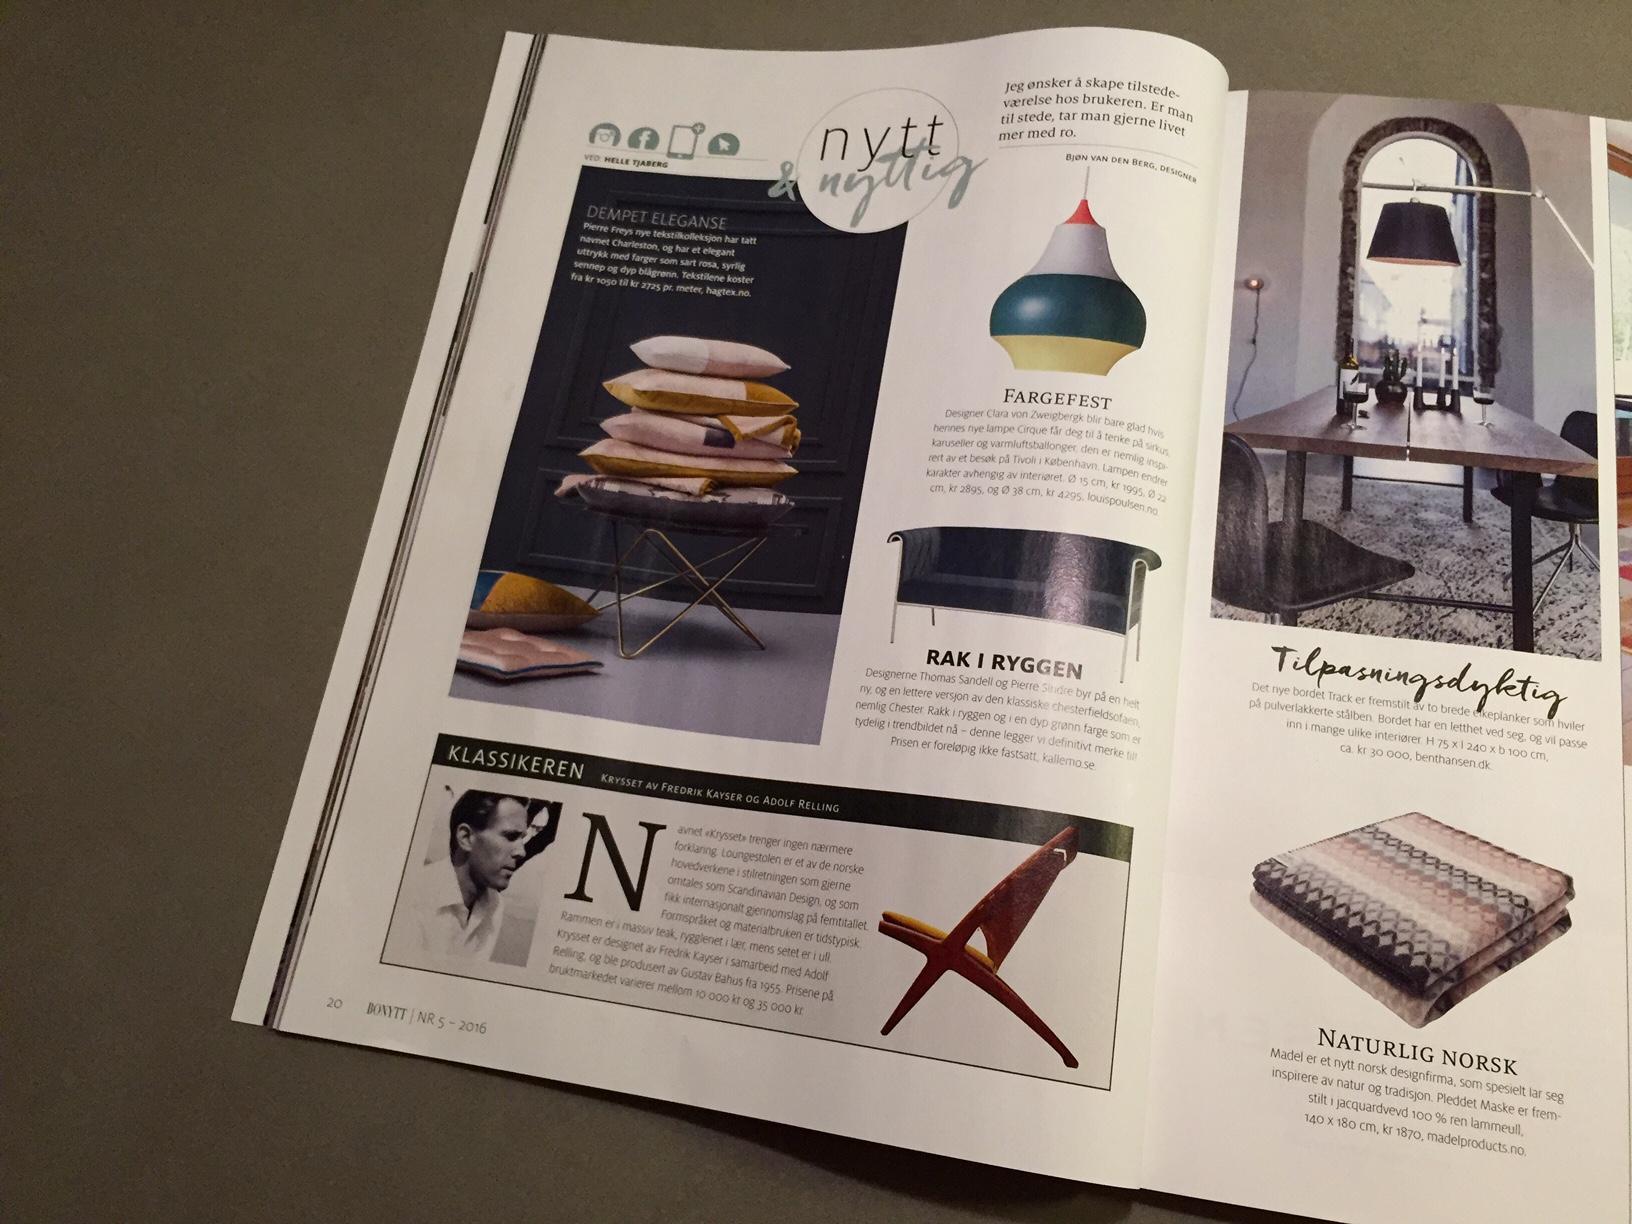 bonytt-aprilmai-nytt-og-nyttig-madel-products